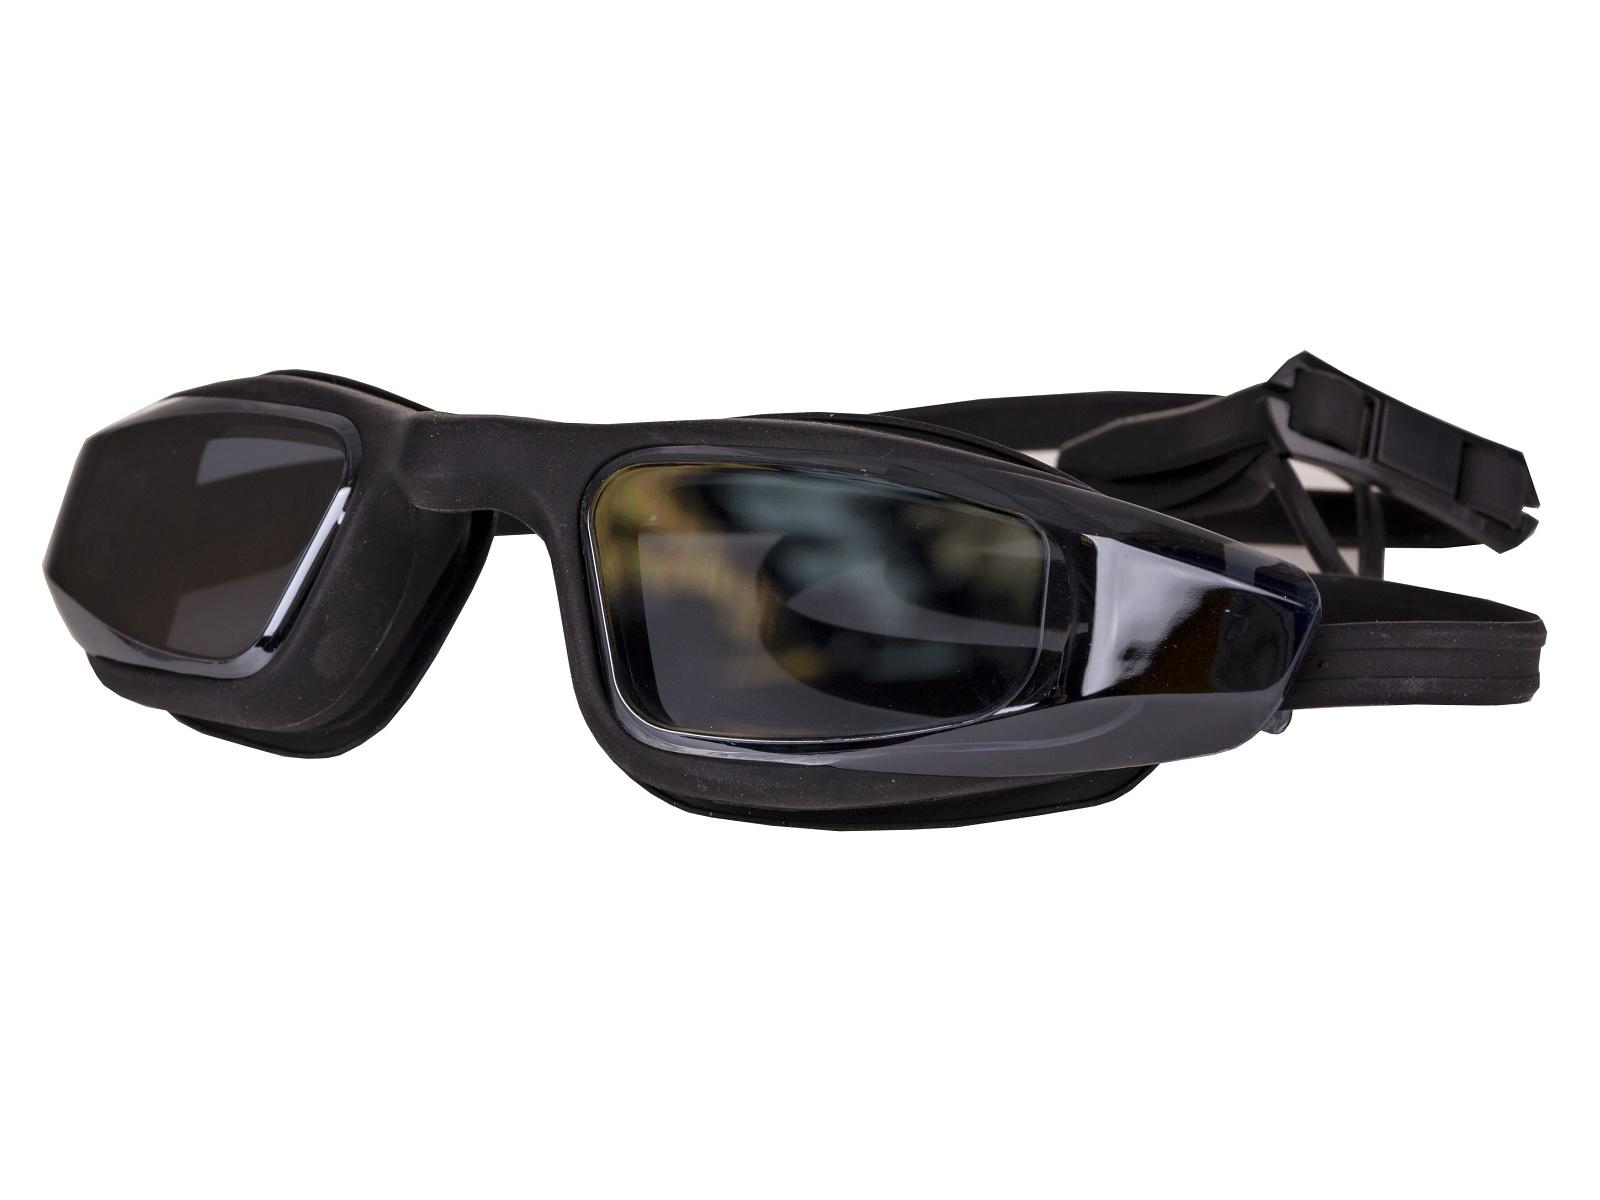 Plavecké brýle SPOKEY Zoro - černé